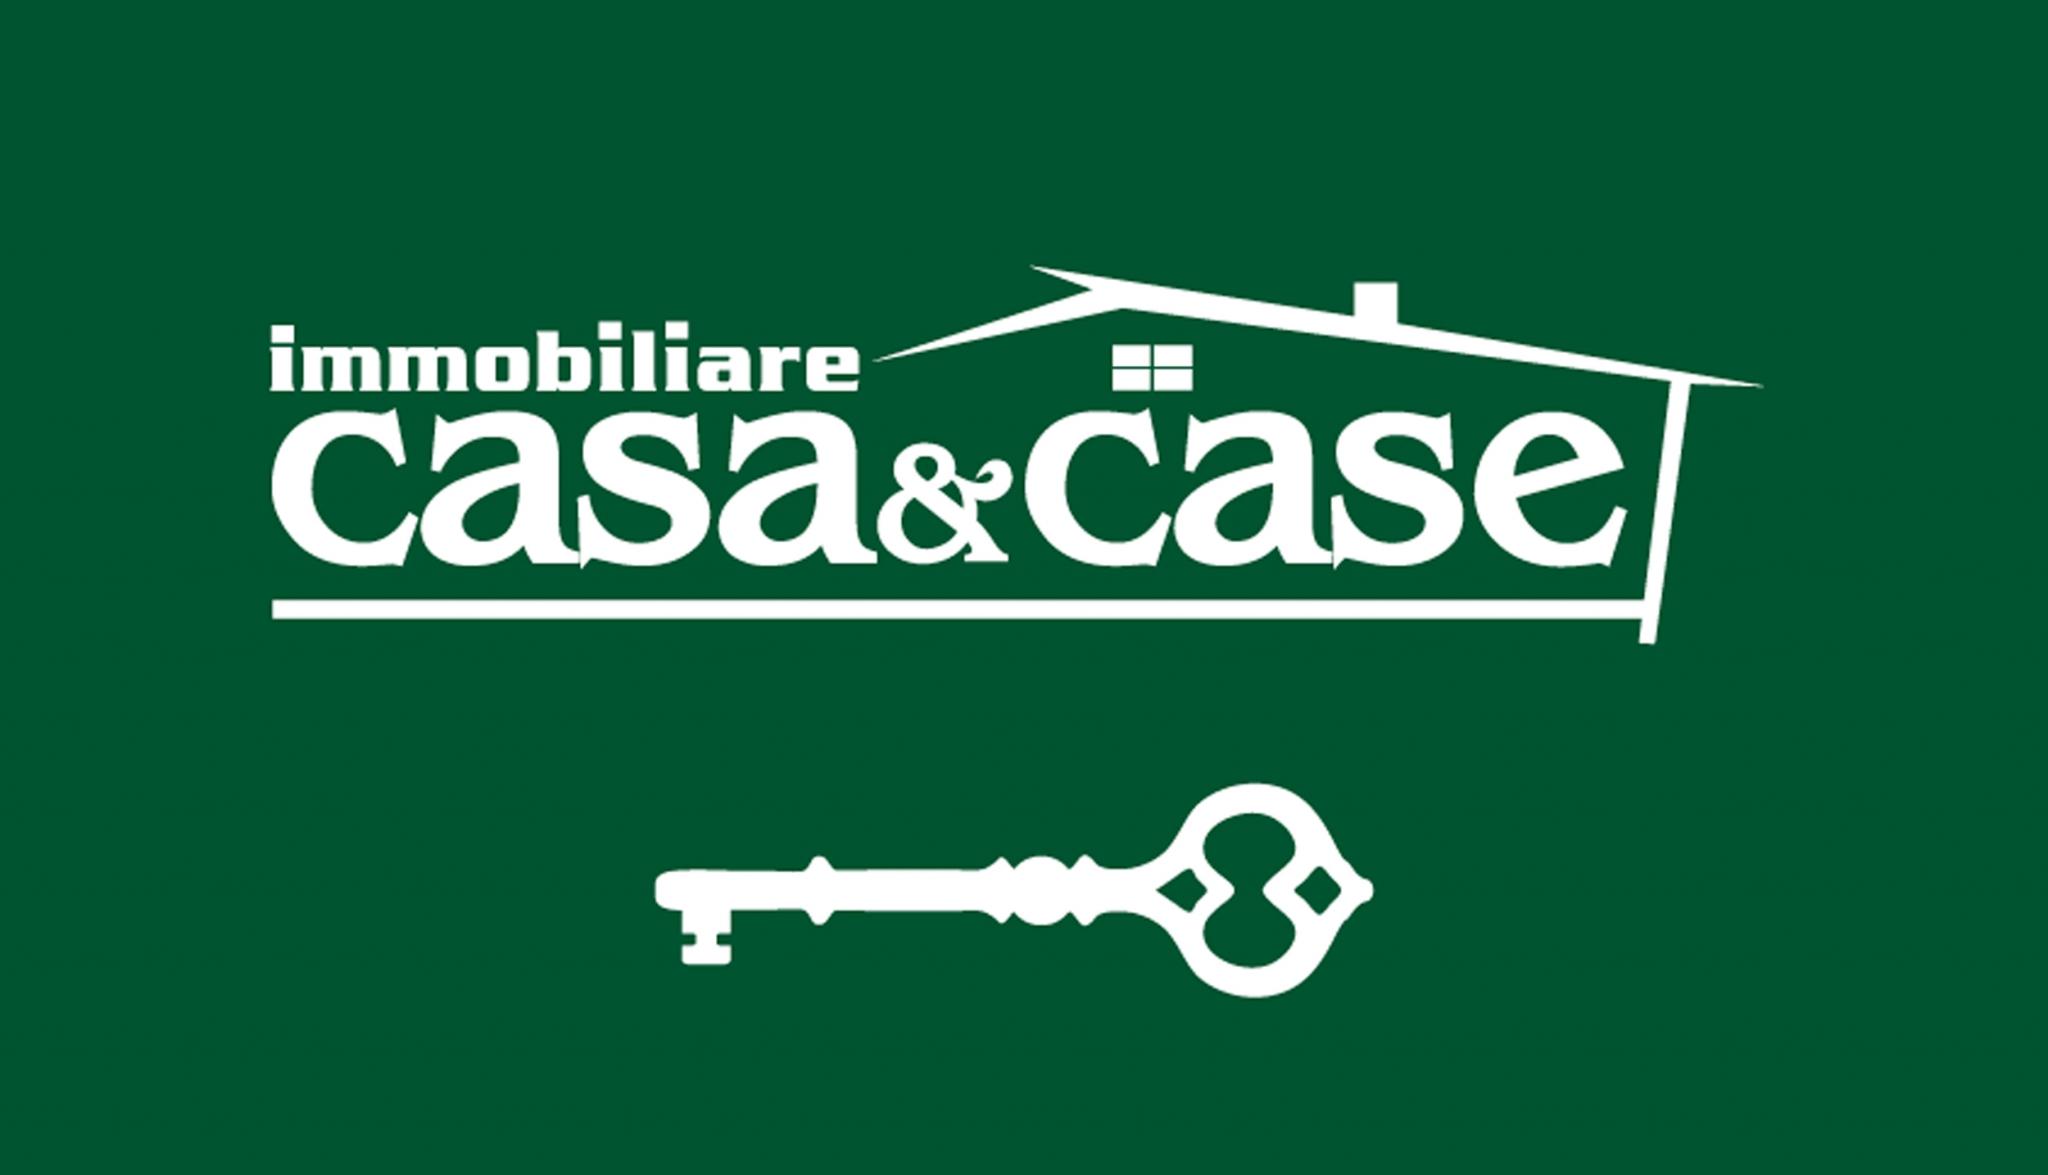 Immobiliare Casa&Case